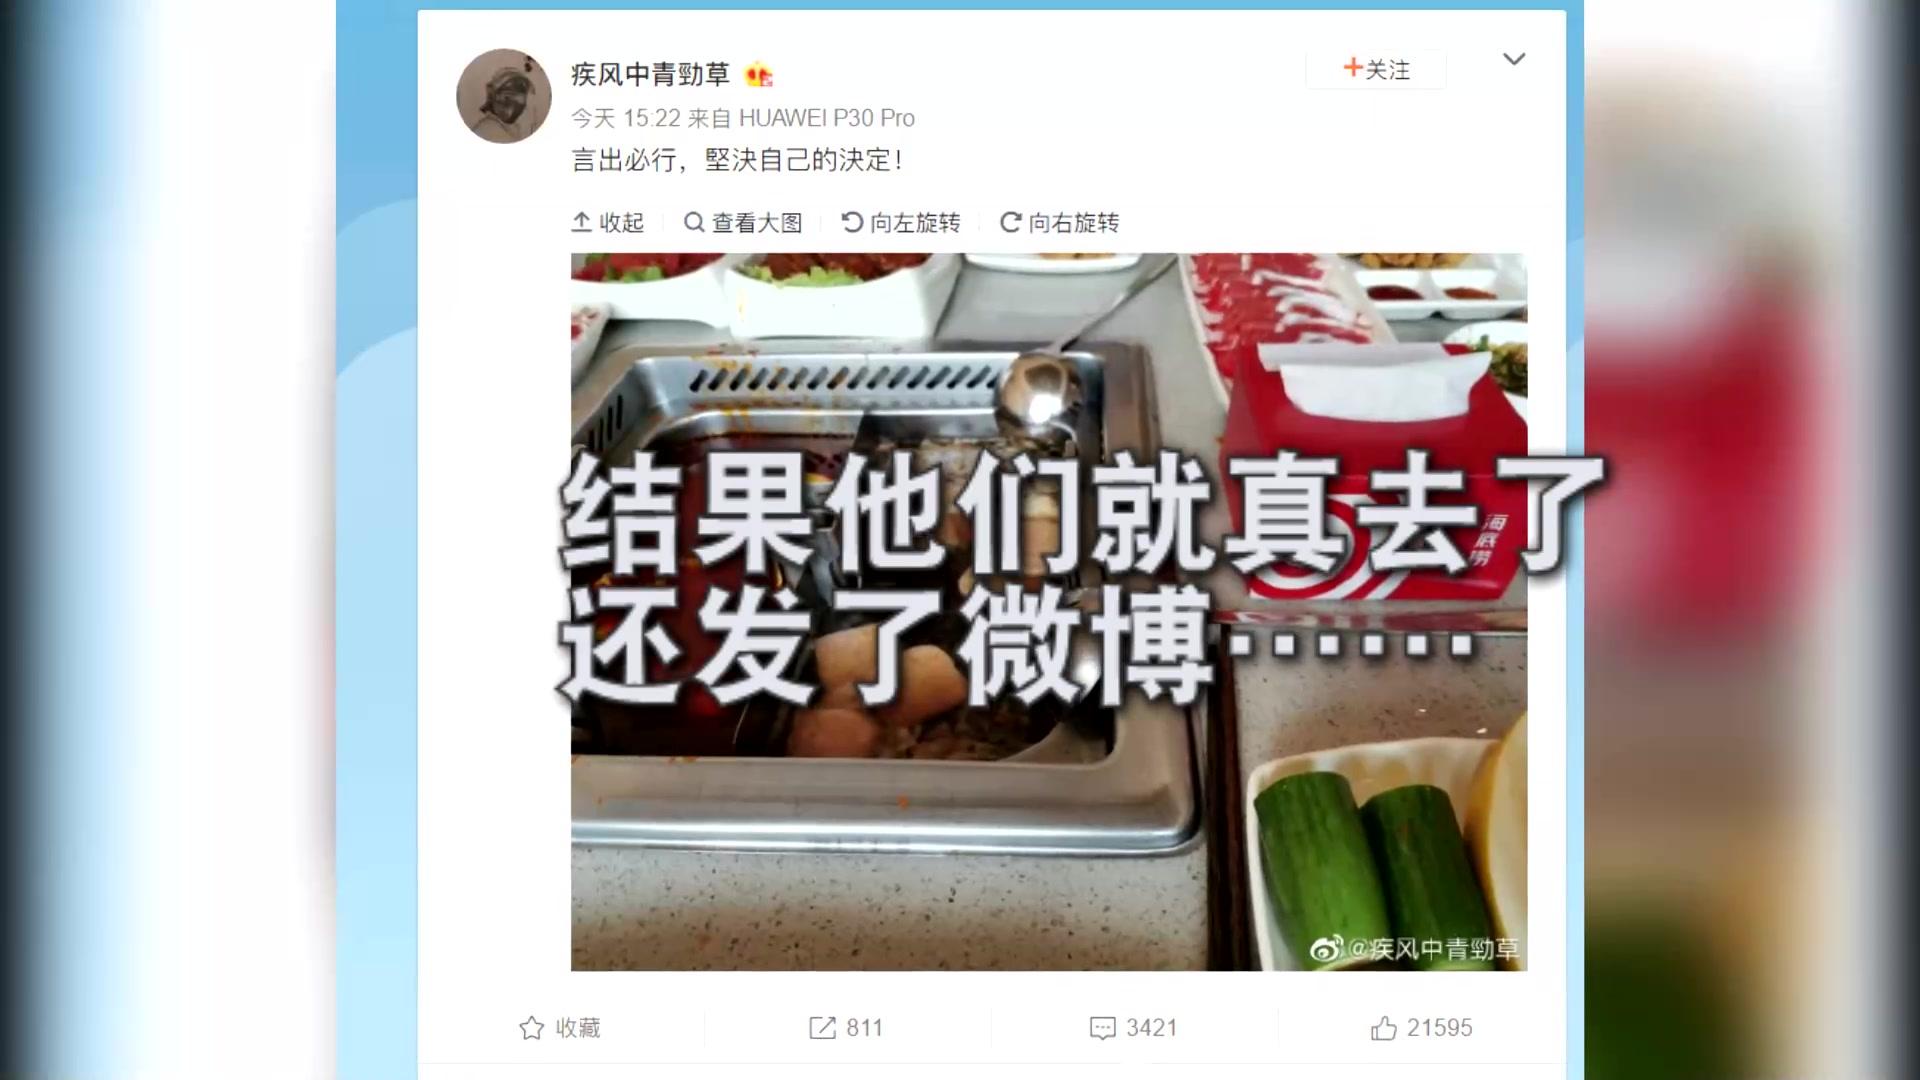 香港警察:你们吃面包,我去吃海底捞!结果他们真去了……